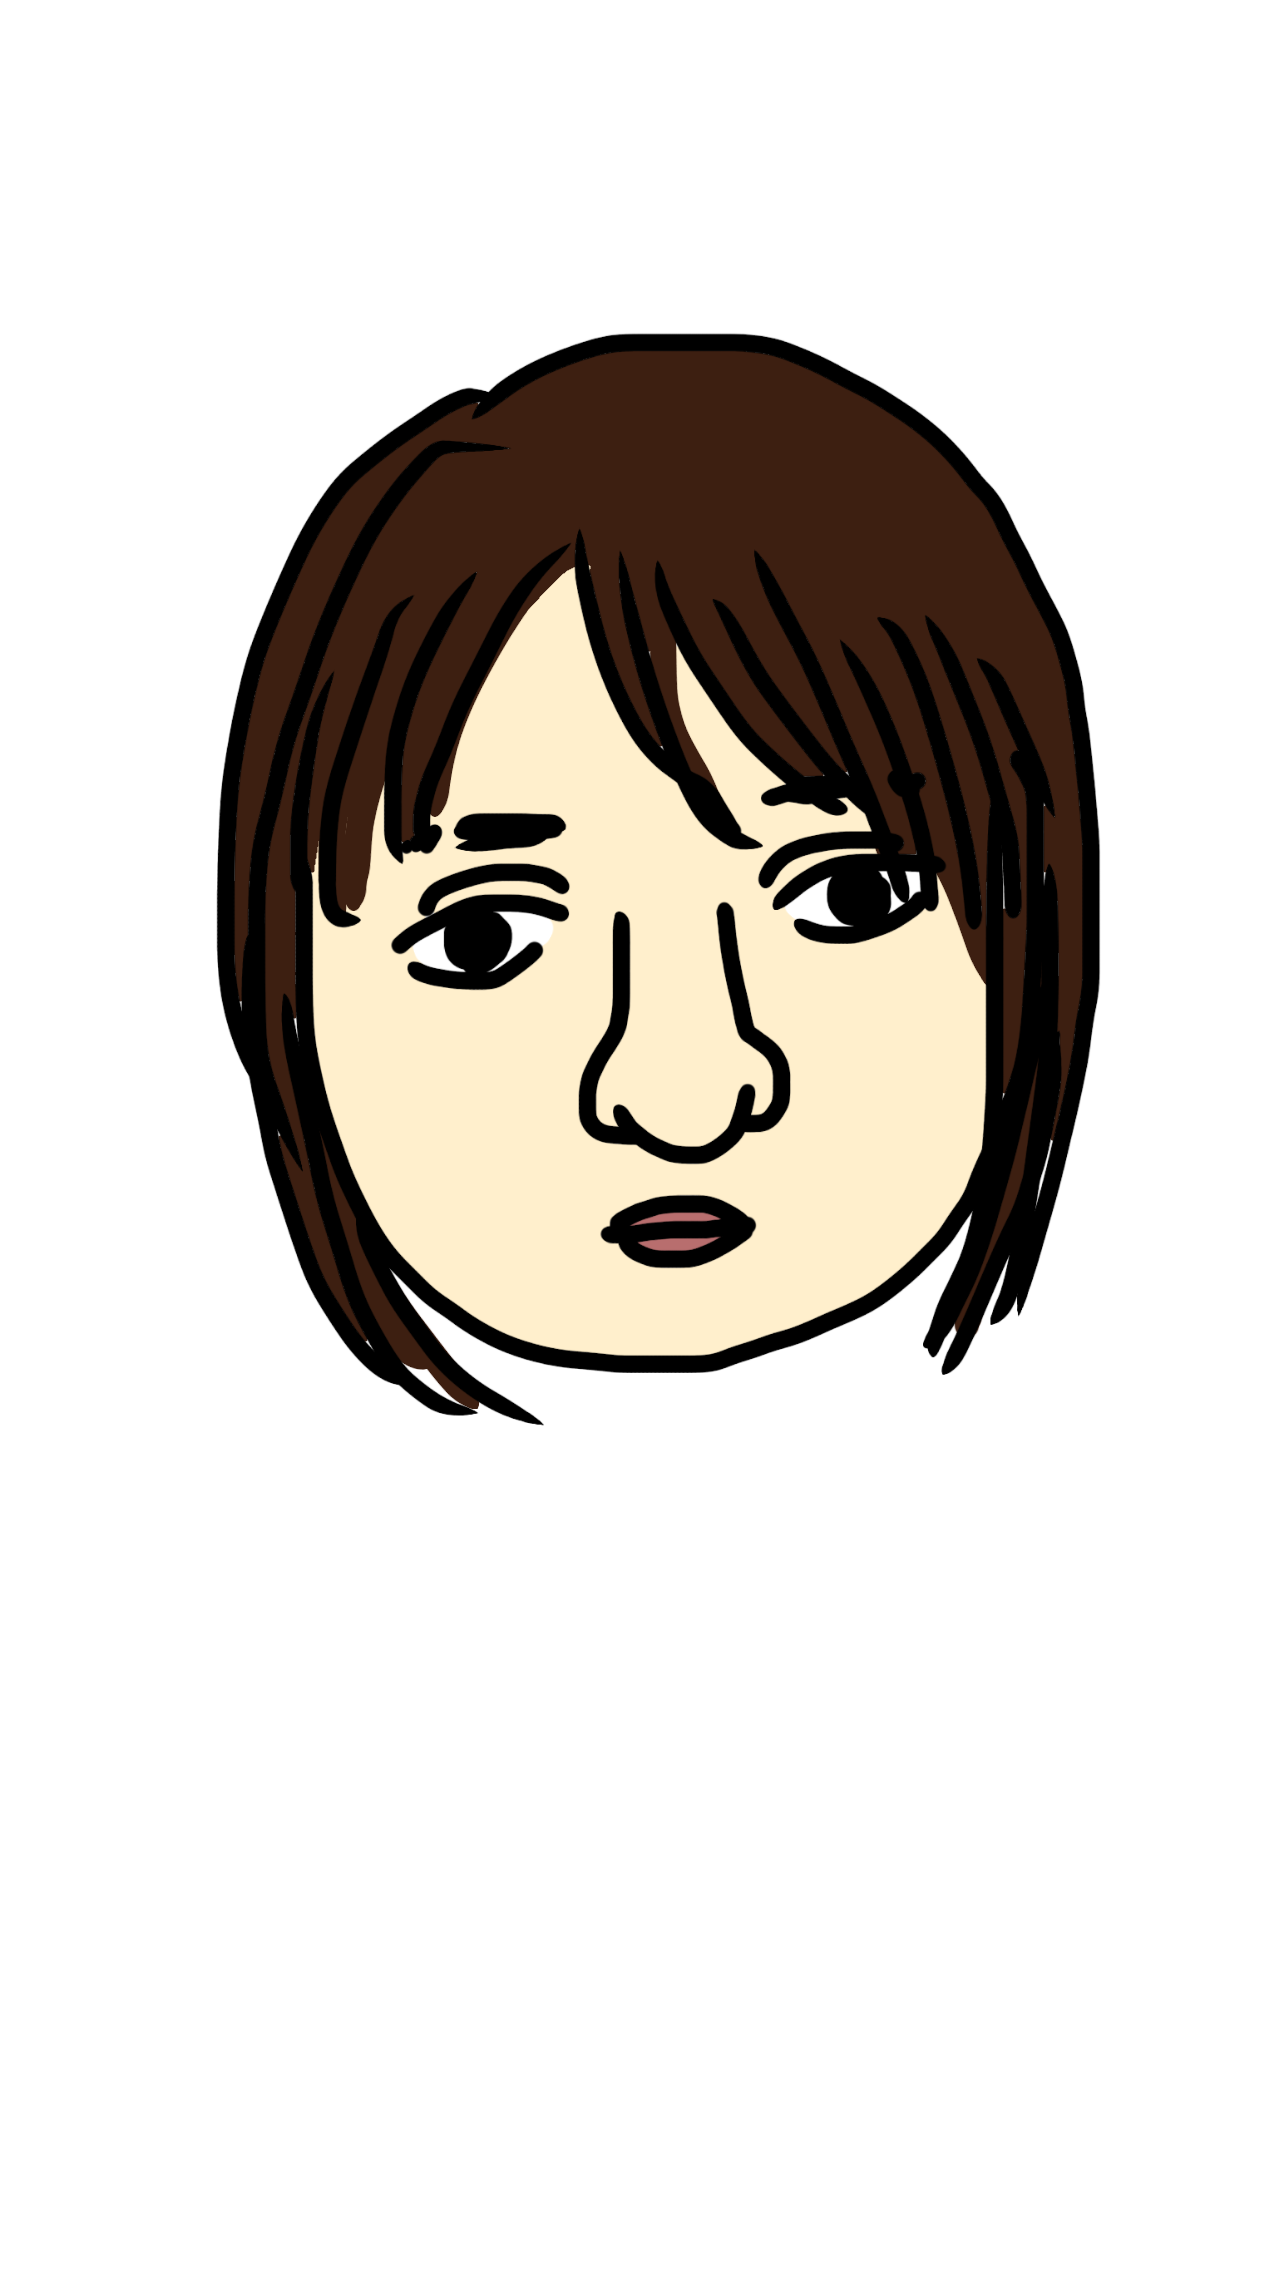 自分の似顔絵を描いて下さい。